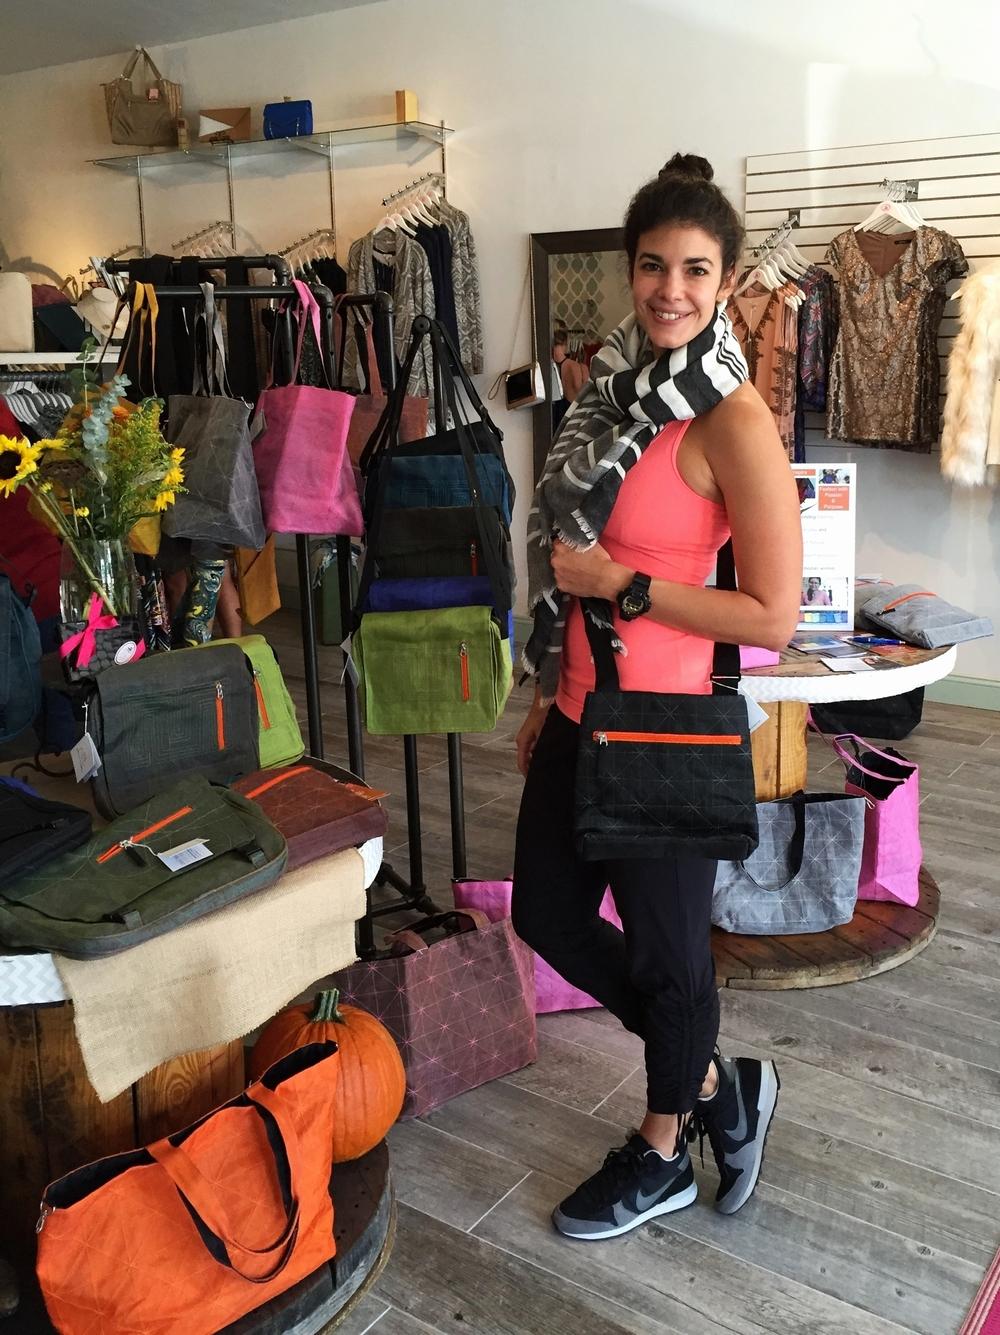 LaurenSchwaiger-Active-Life-Style-Blog-NET-Effects-Traders-Crossbody-Bag.jpg